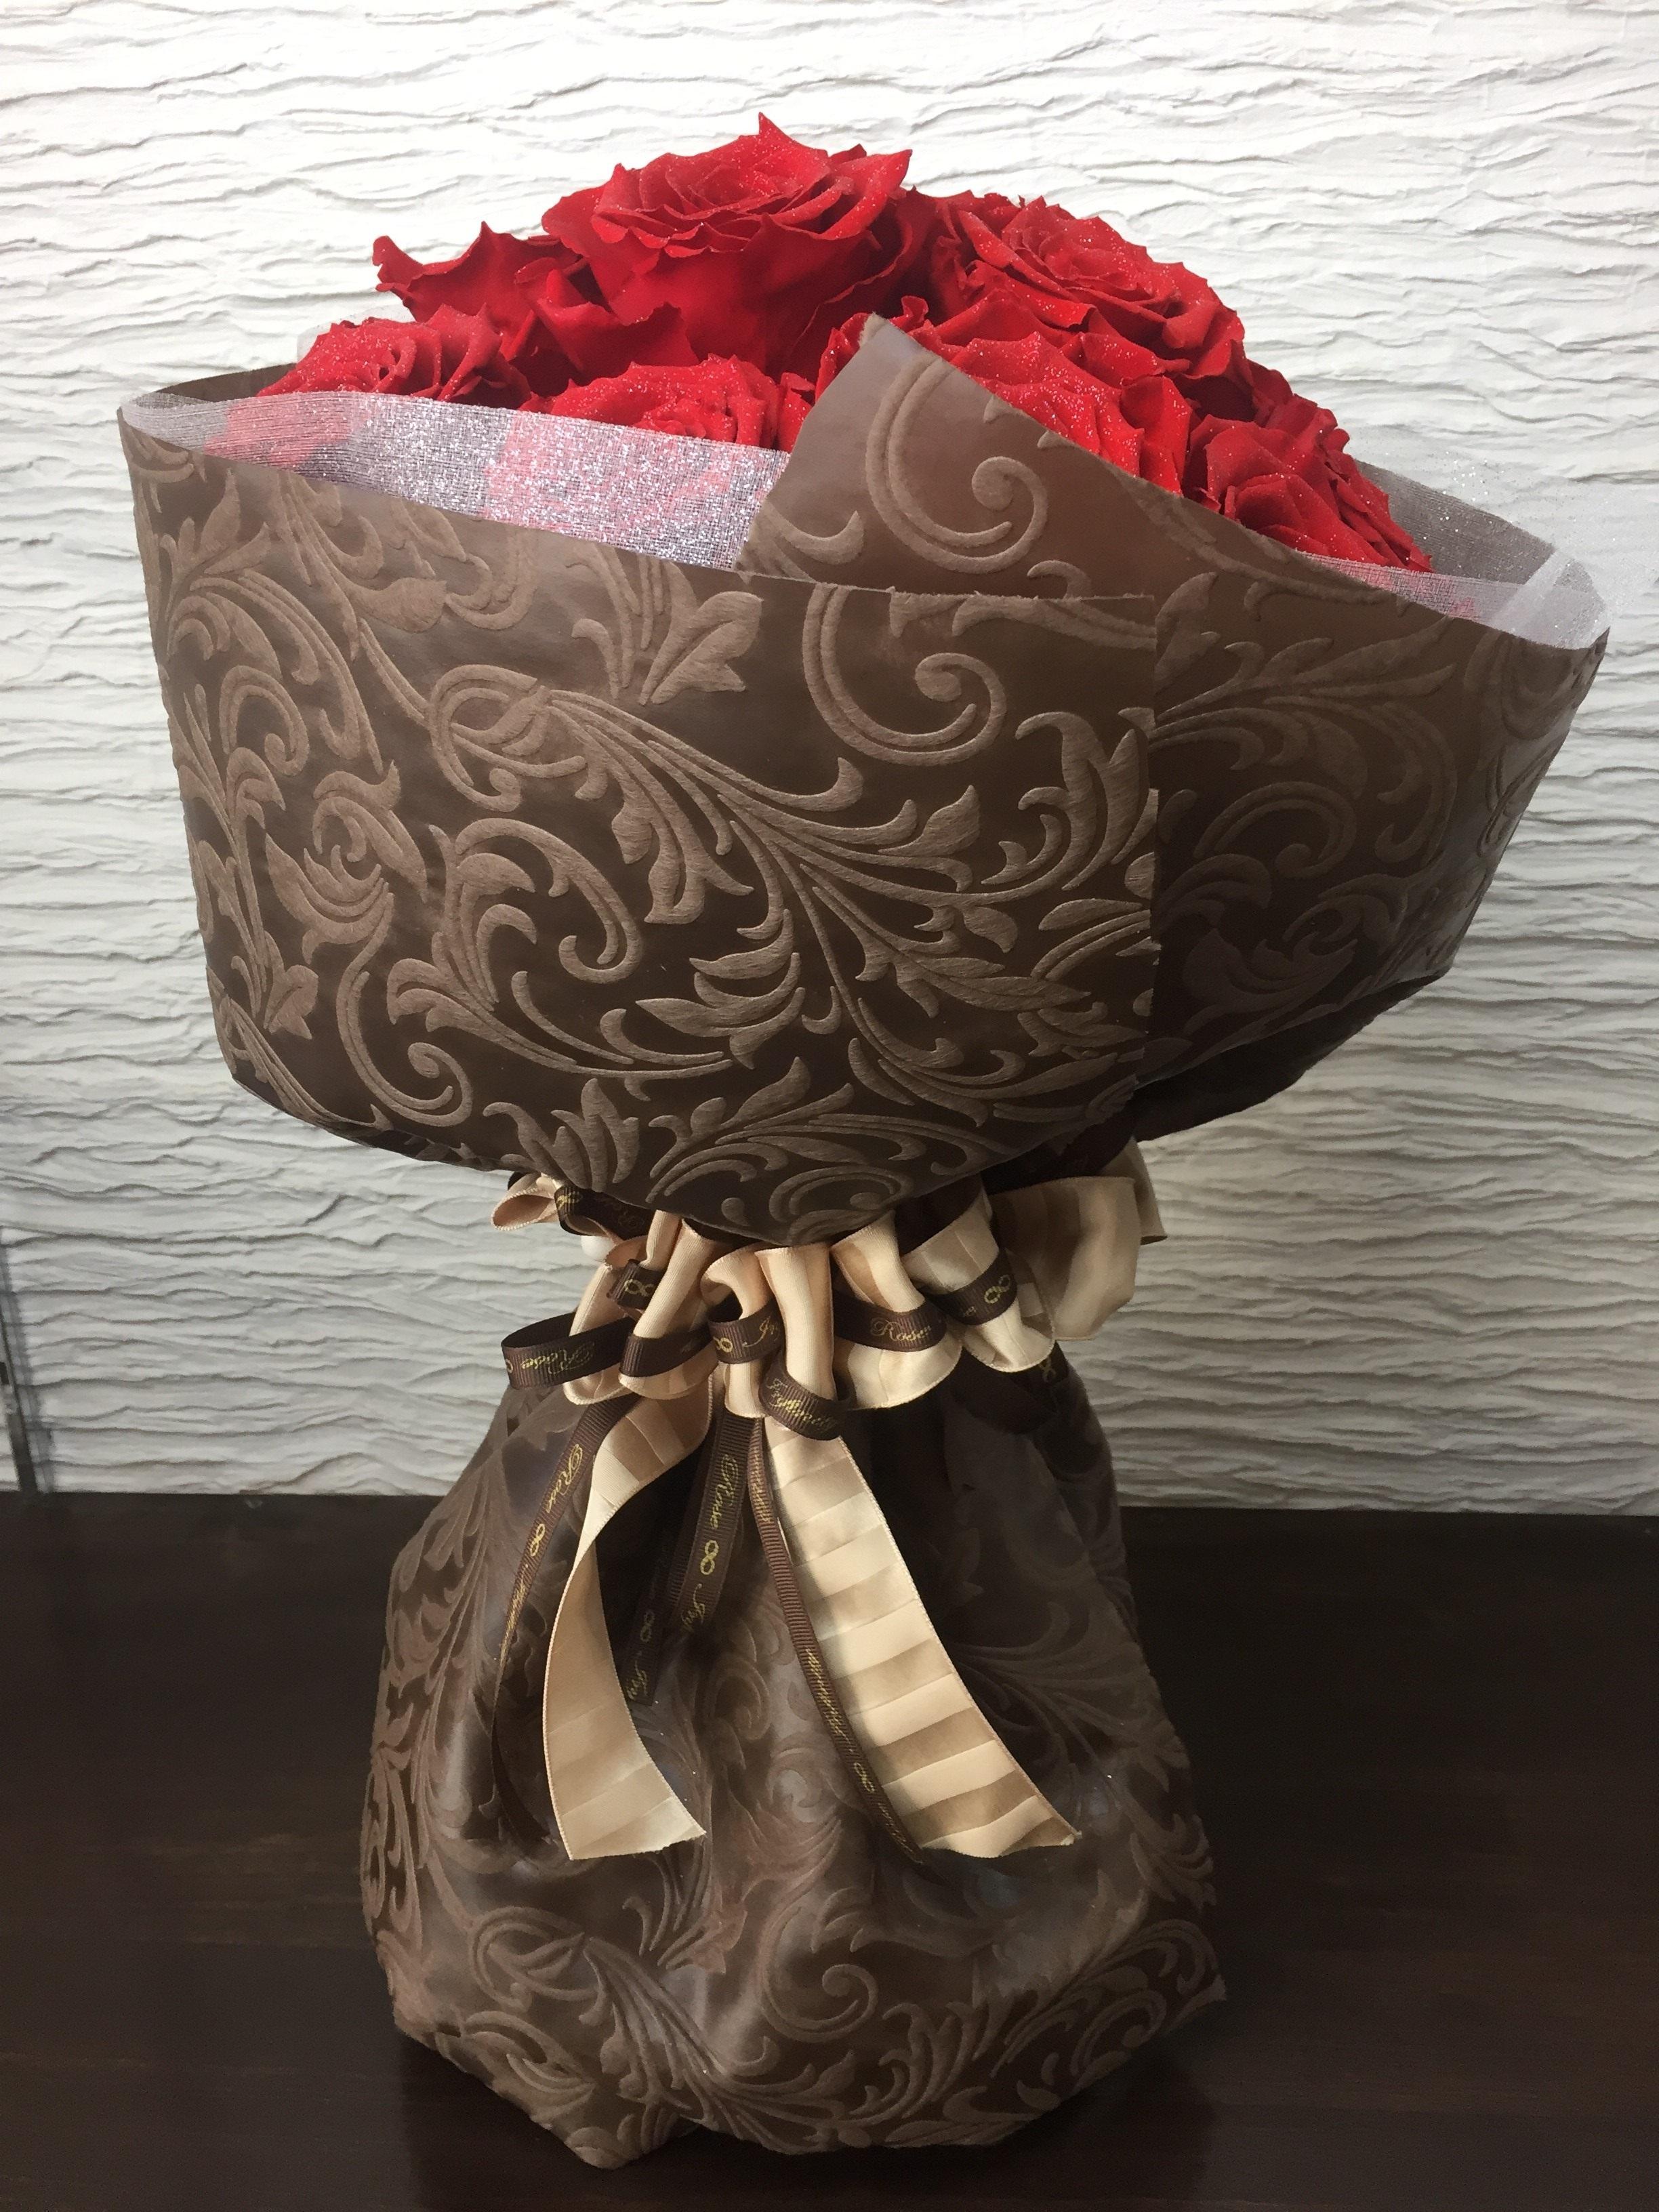 池袋 プリザーブドフラワー専門店 フラワーショップリズカのプリザーブドフラワーで作る花束 レッド